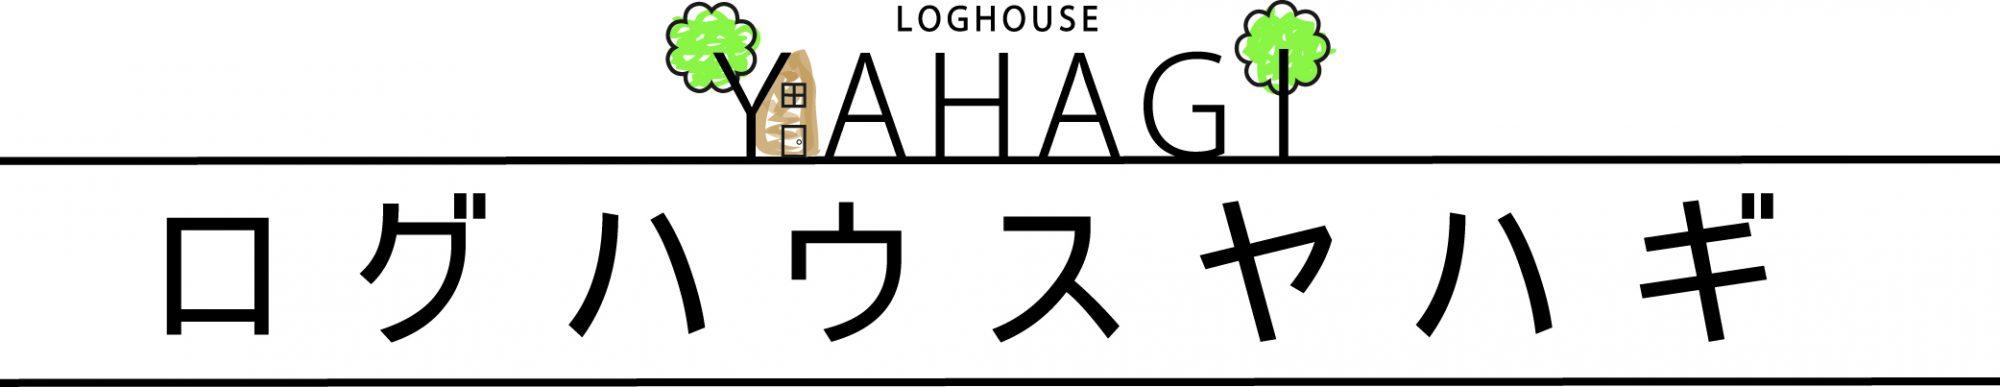 徳良湖で唯一の貸別荘・貸切キャンプができる宿。ログハウス ヤハギ |大型貸別荘・コテージ・宿・宿泊・プライベートキャンプ場